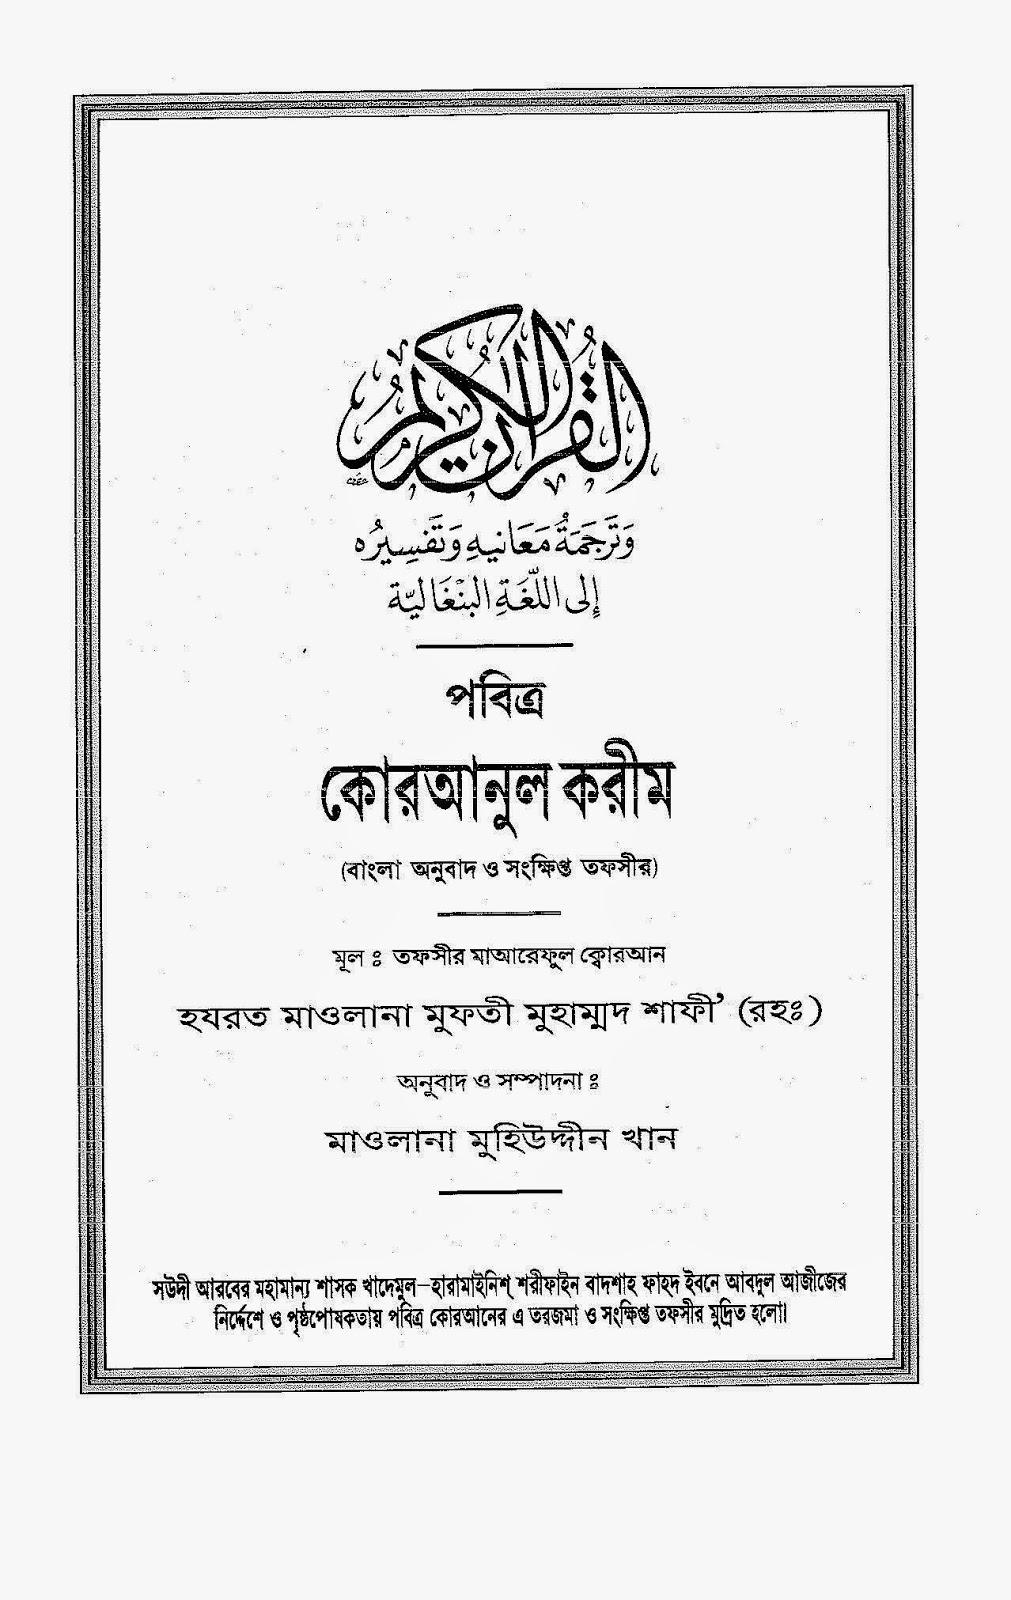 القرآن وترجمة معانية وتفسيره إلى اللغة البنغالية